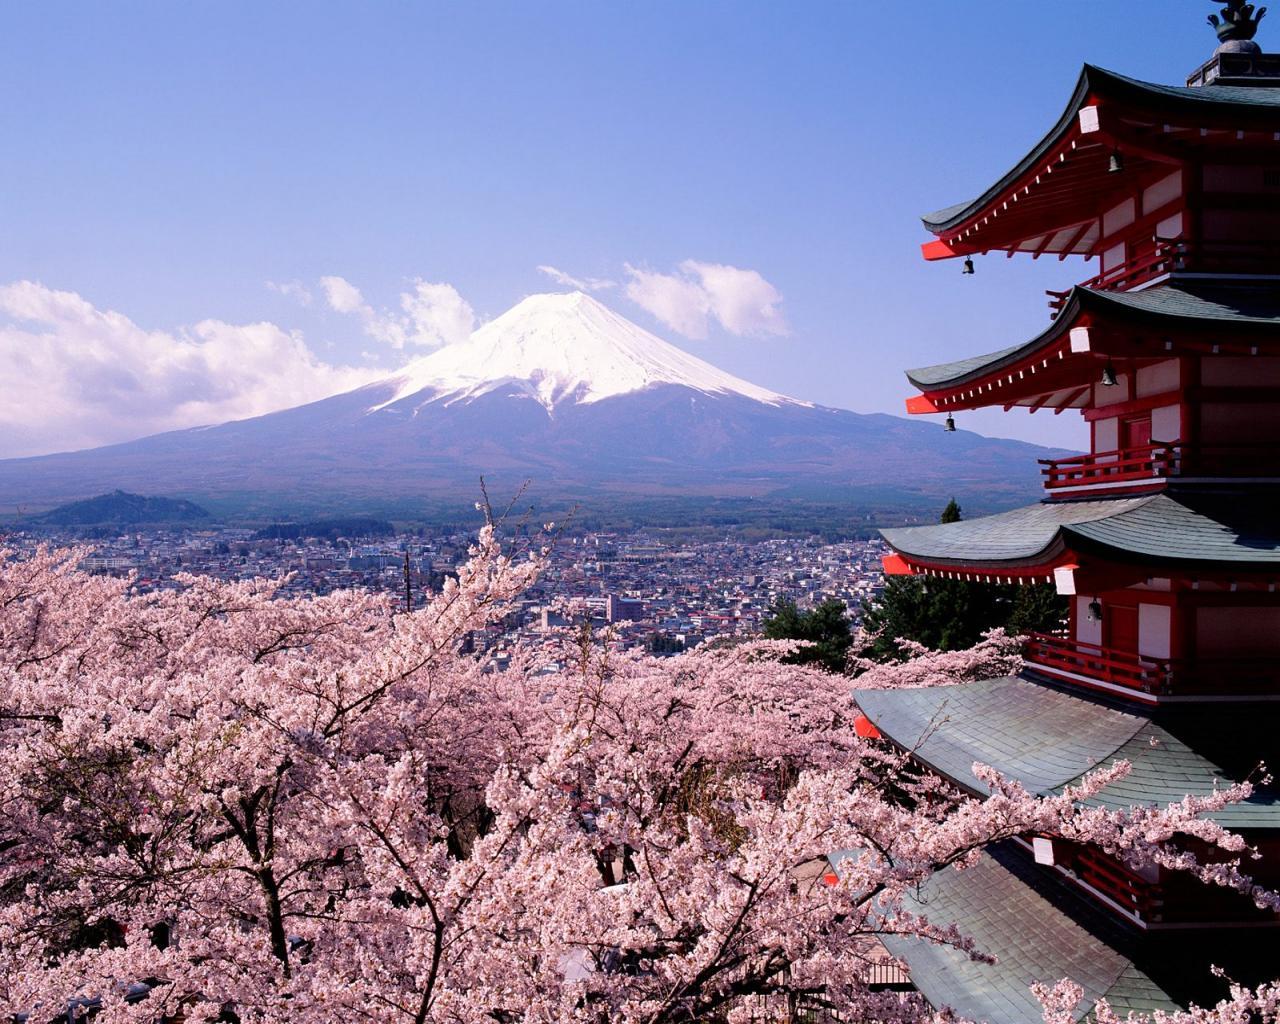 Flugrundreise China & Japan von FRA mit Nonstopflügen für 492€ pro Person!! (10 bzw 21 Tage)